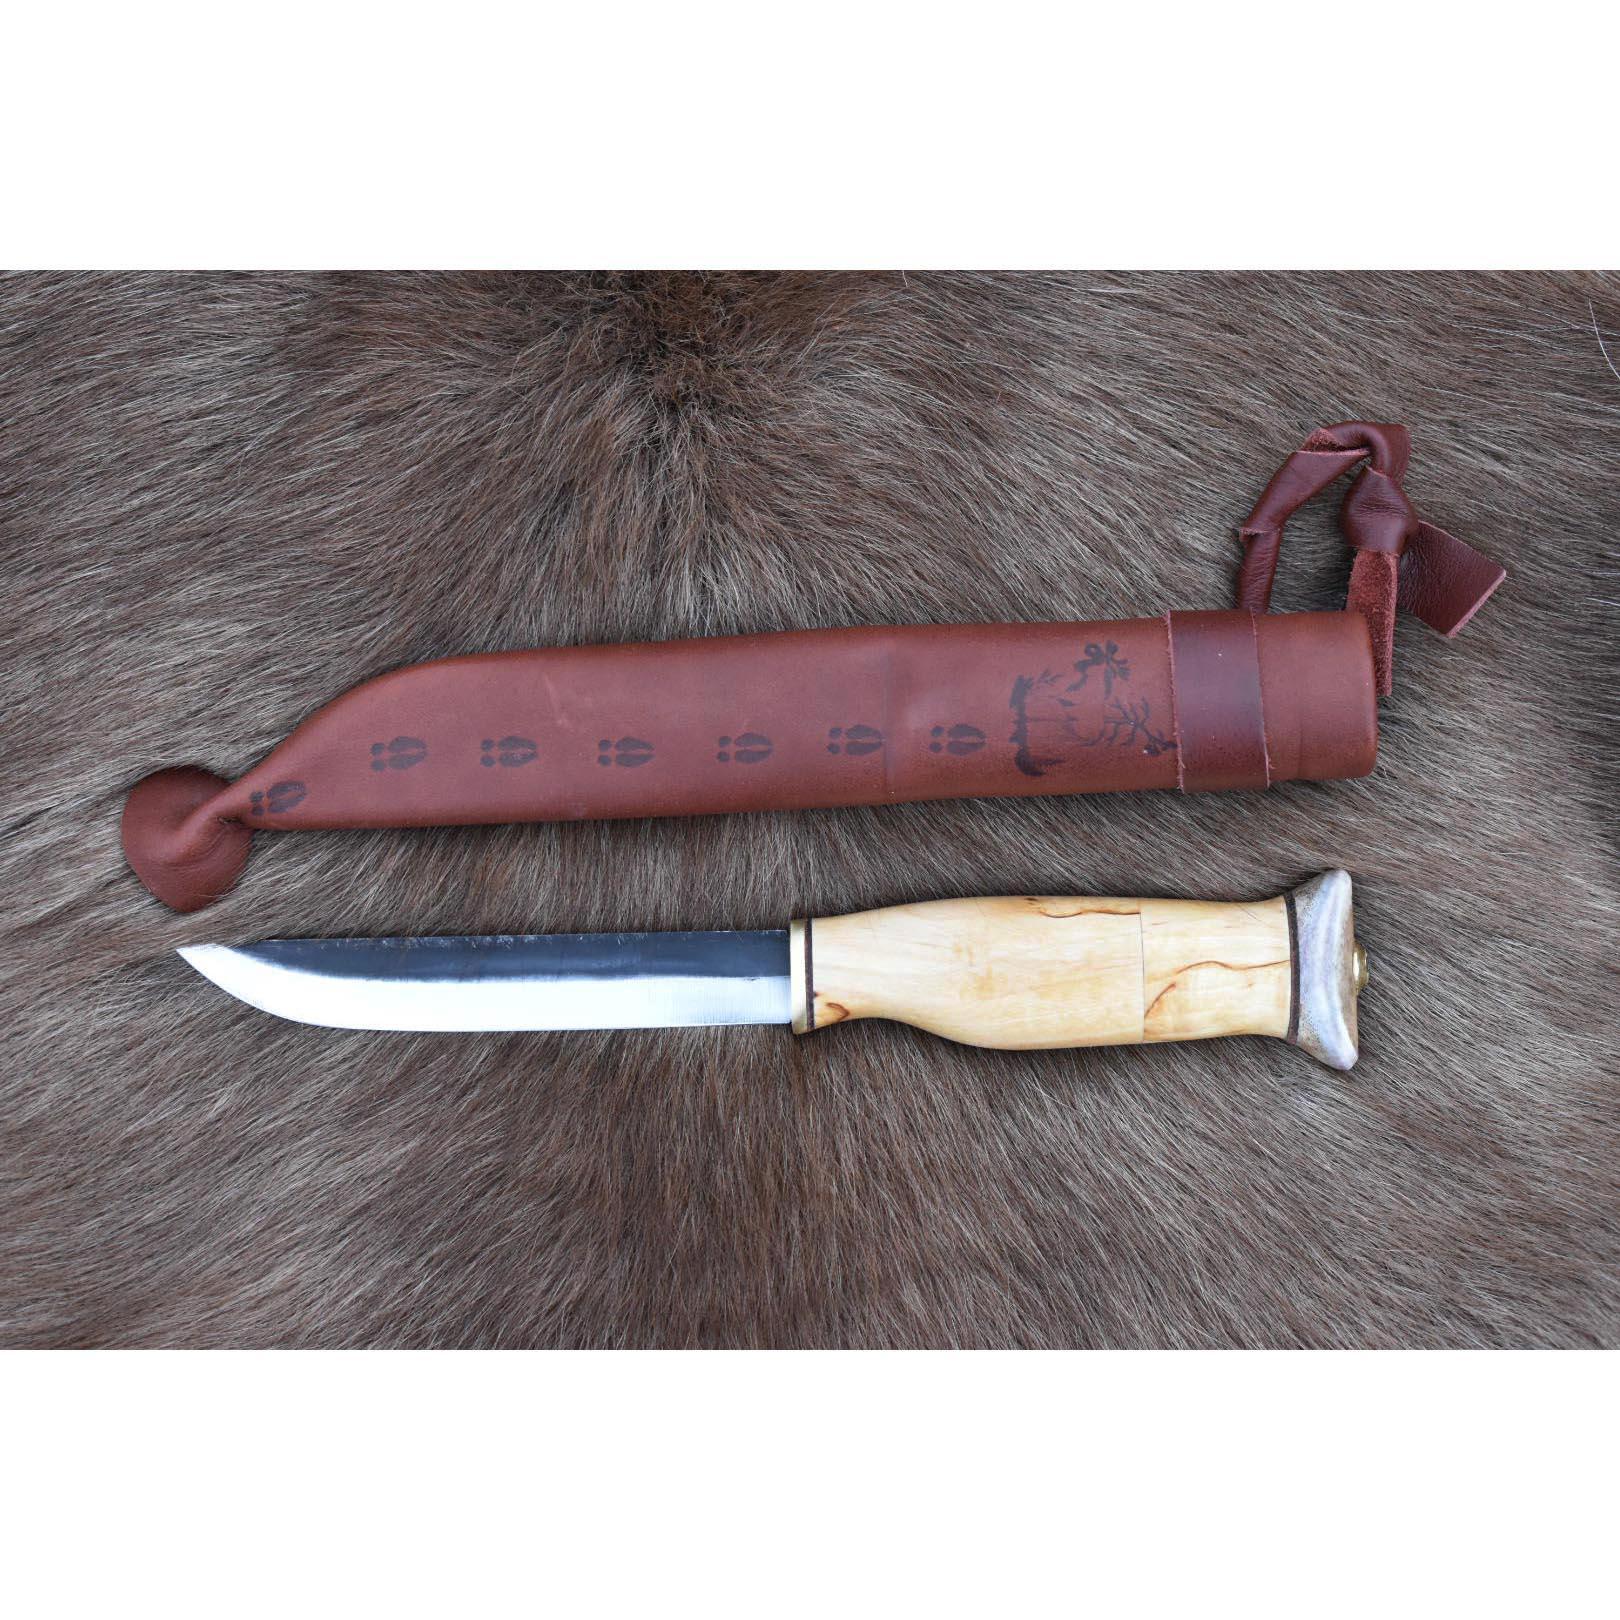 Nr 25.125 - Naturkniv 125 mm